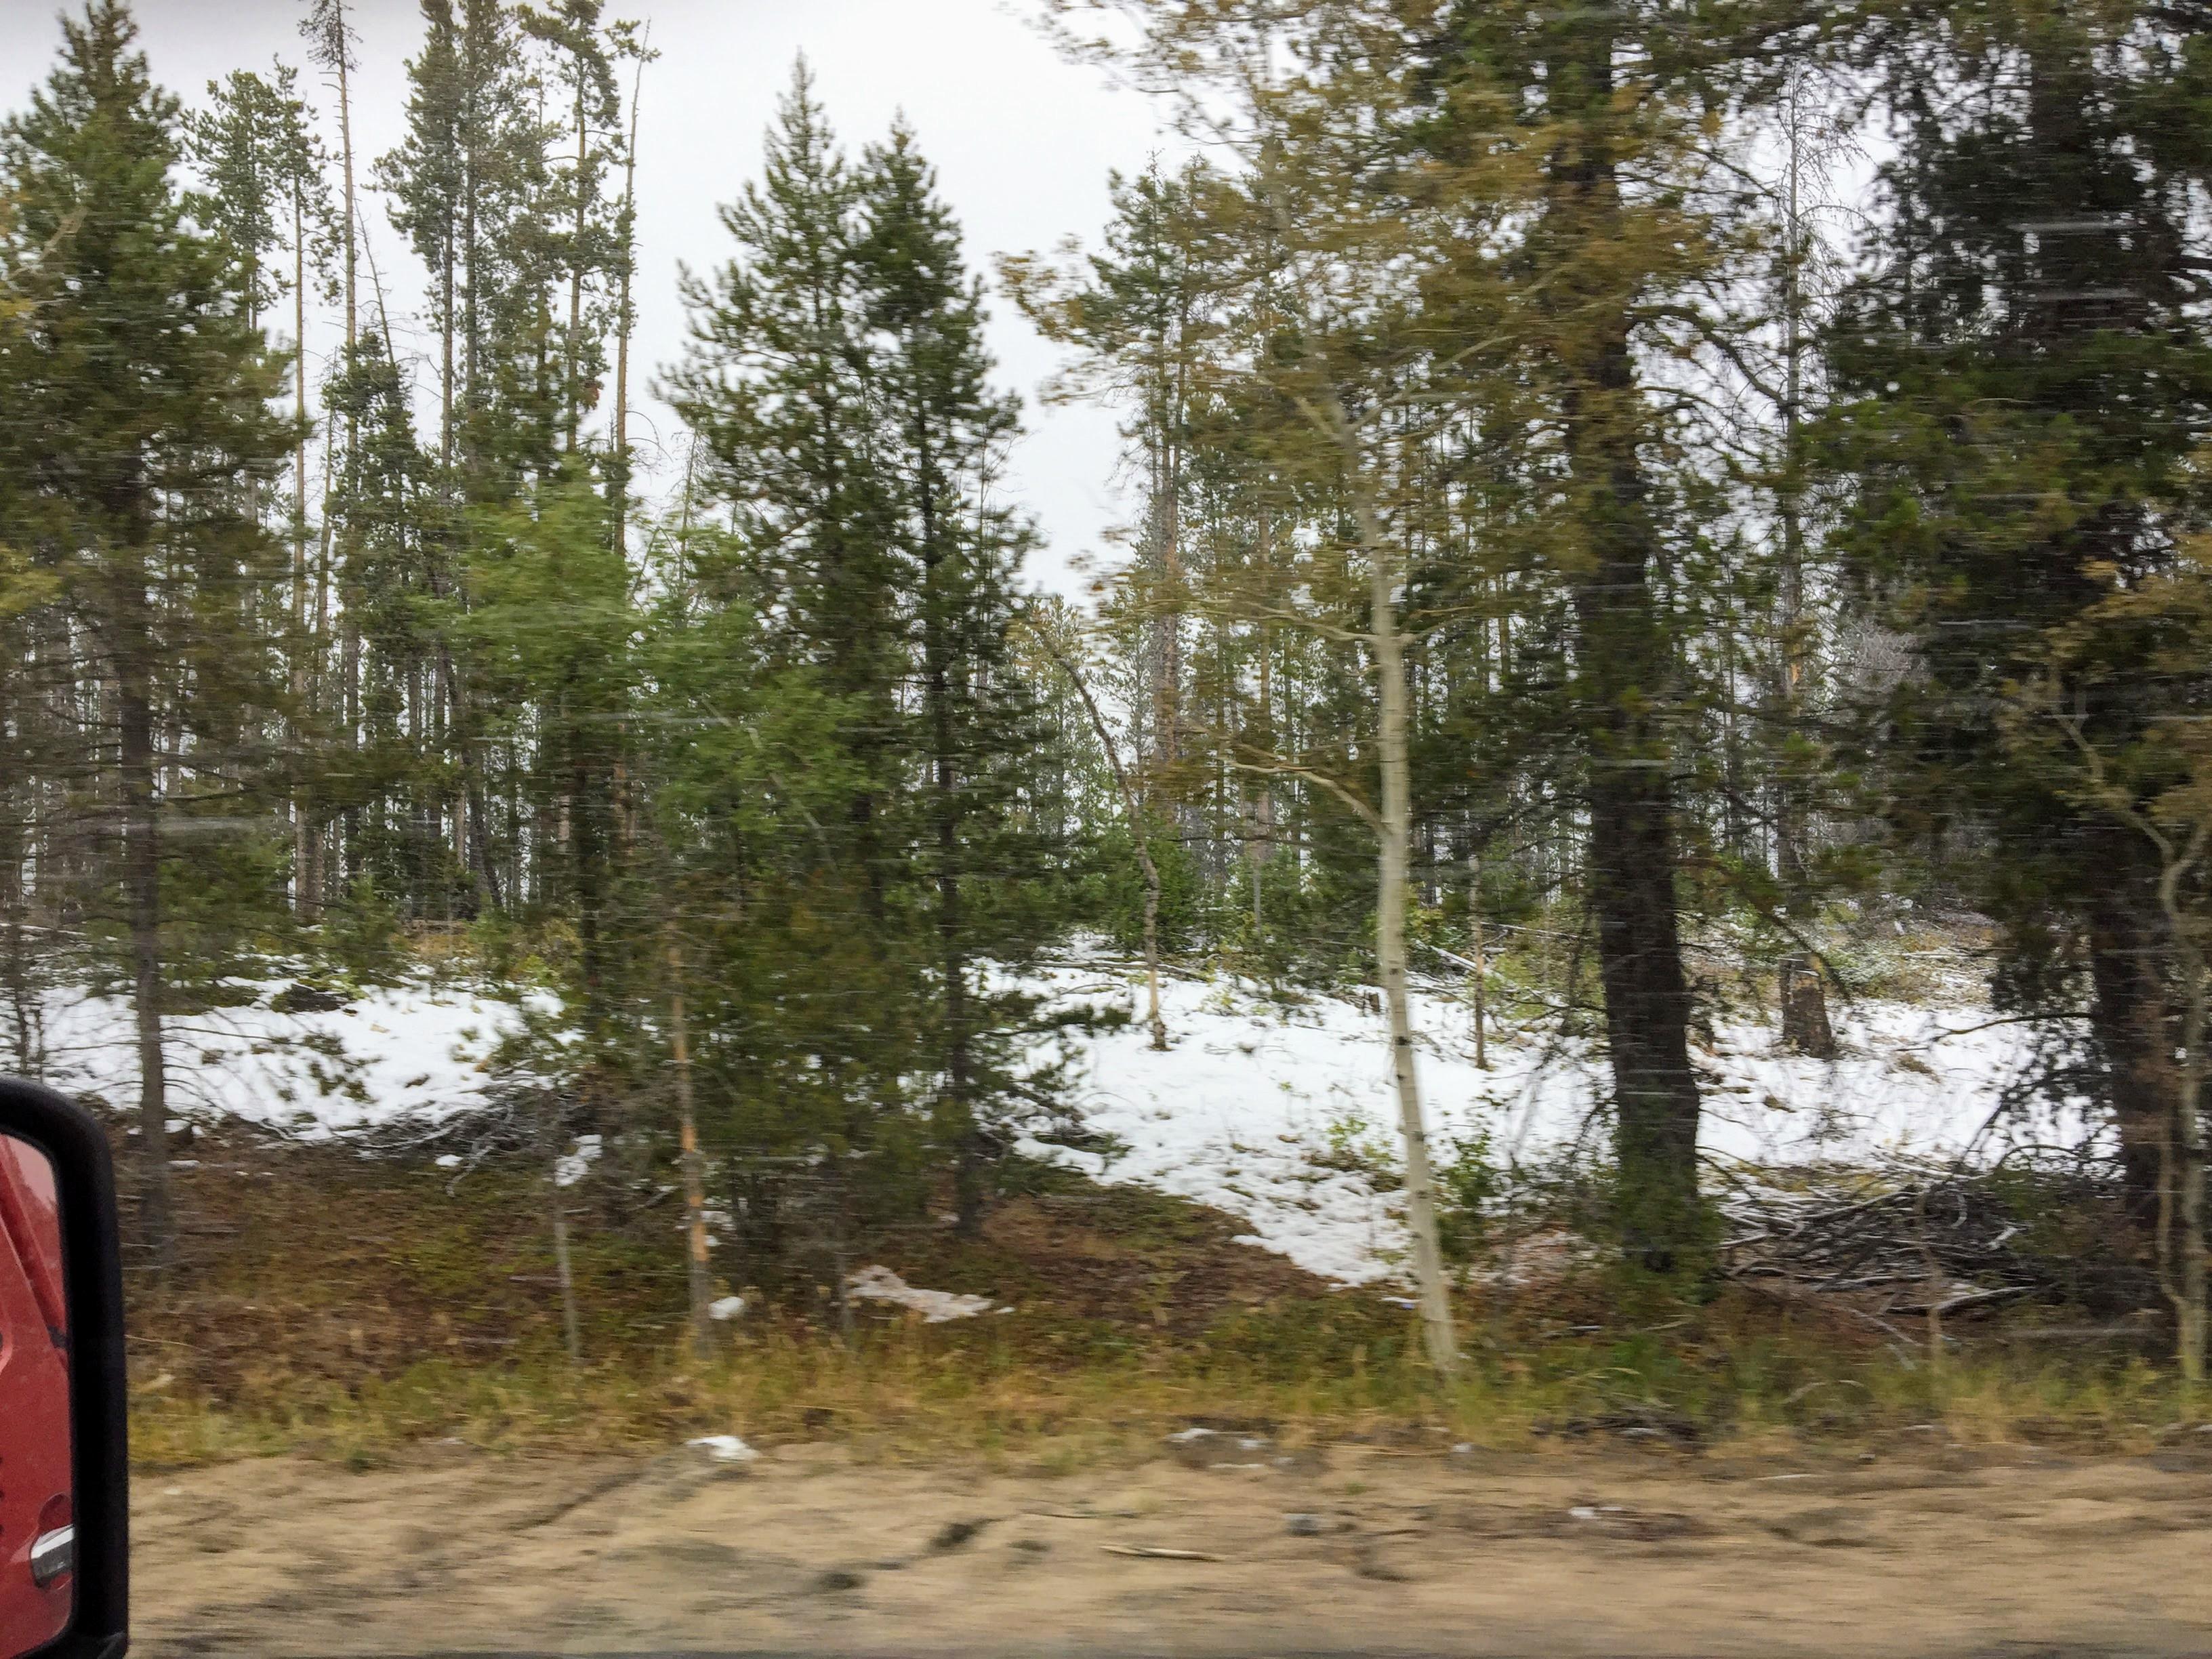 2017-09-20 01 Montana 03 Snow